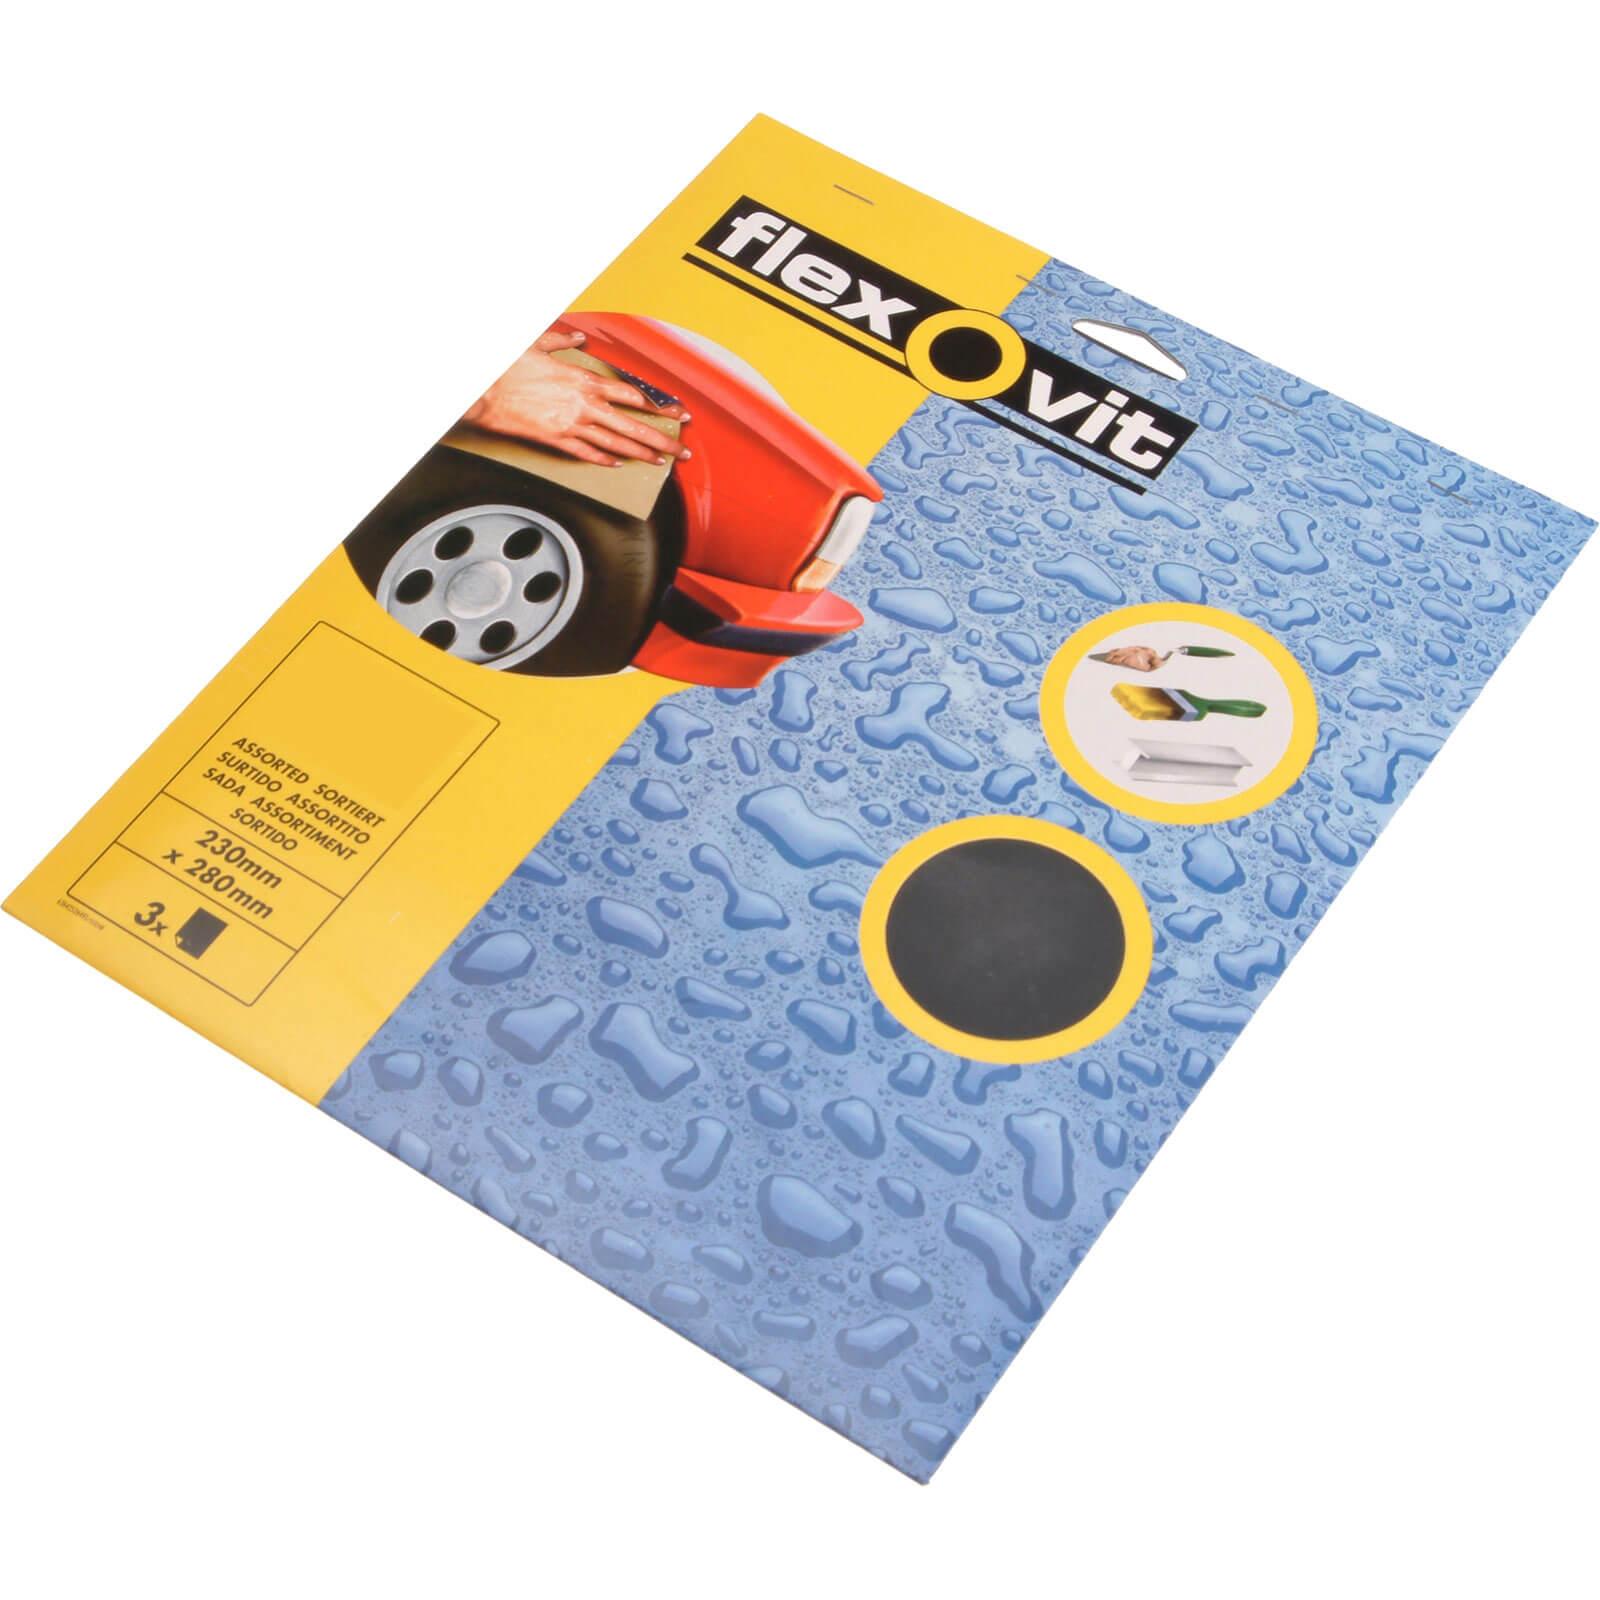 Flexovit Waterproof Sandpaper Coarse Pack of 3